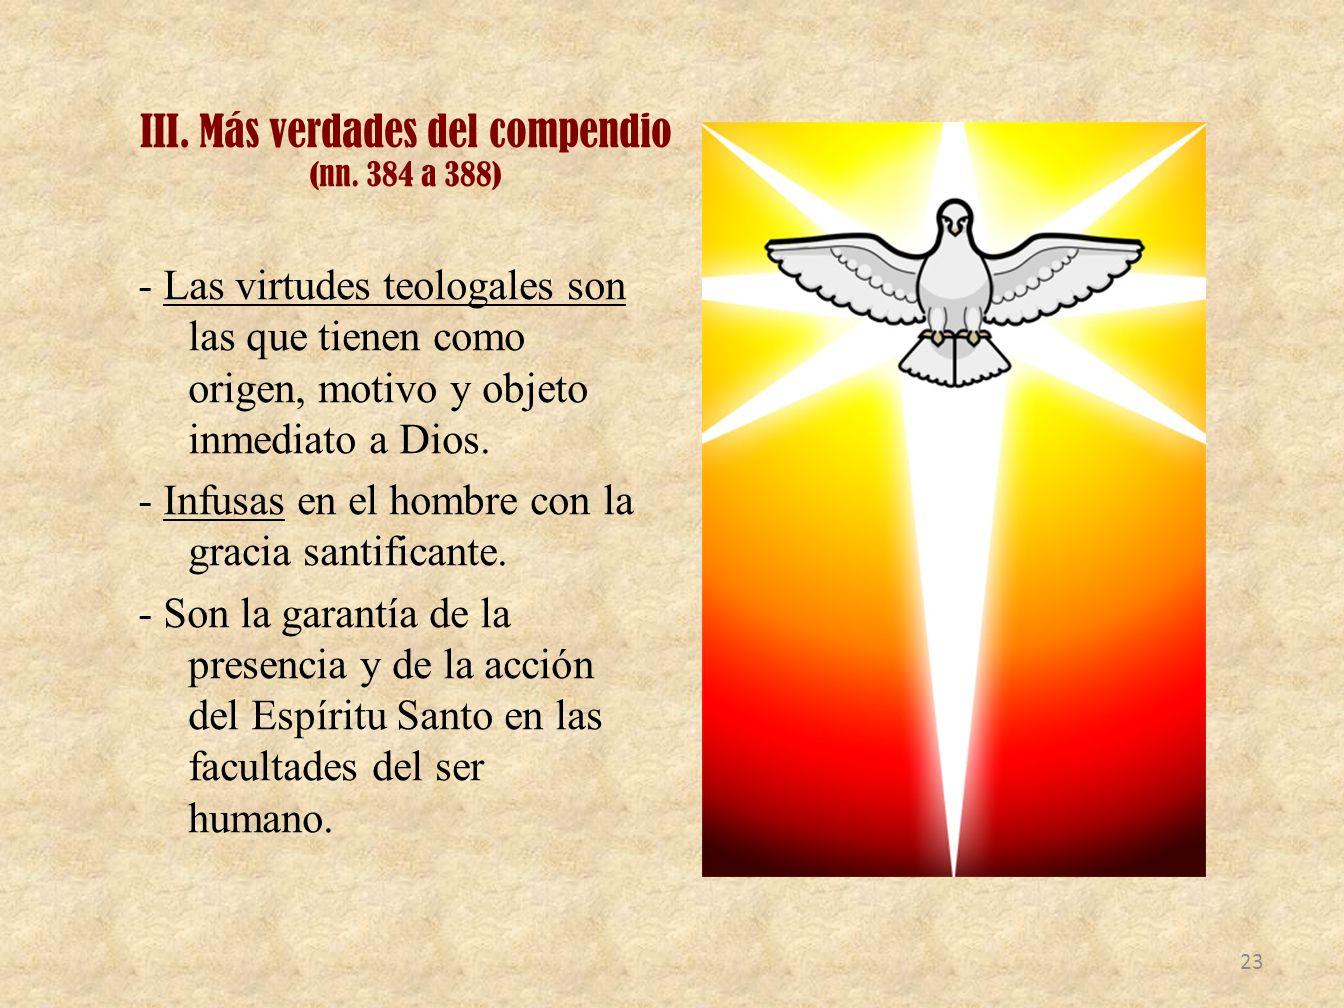 III. Más verdades del compendio (nn. 384 a 388)